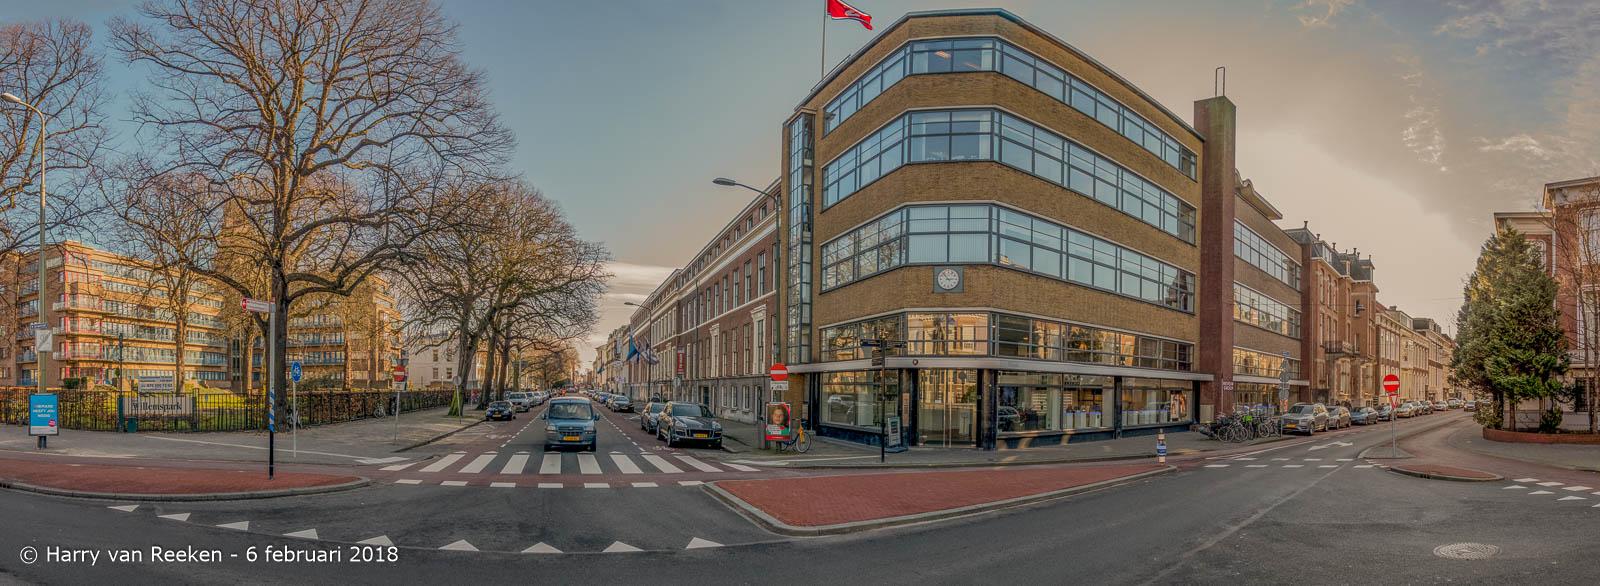 Zeestraat-Laan van Meerdervoort-Pano